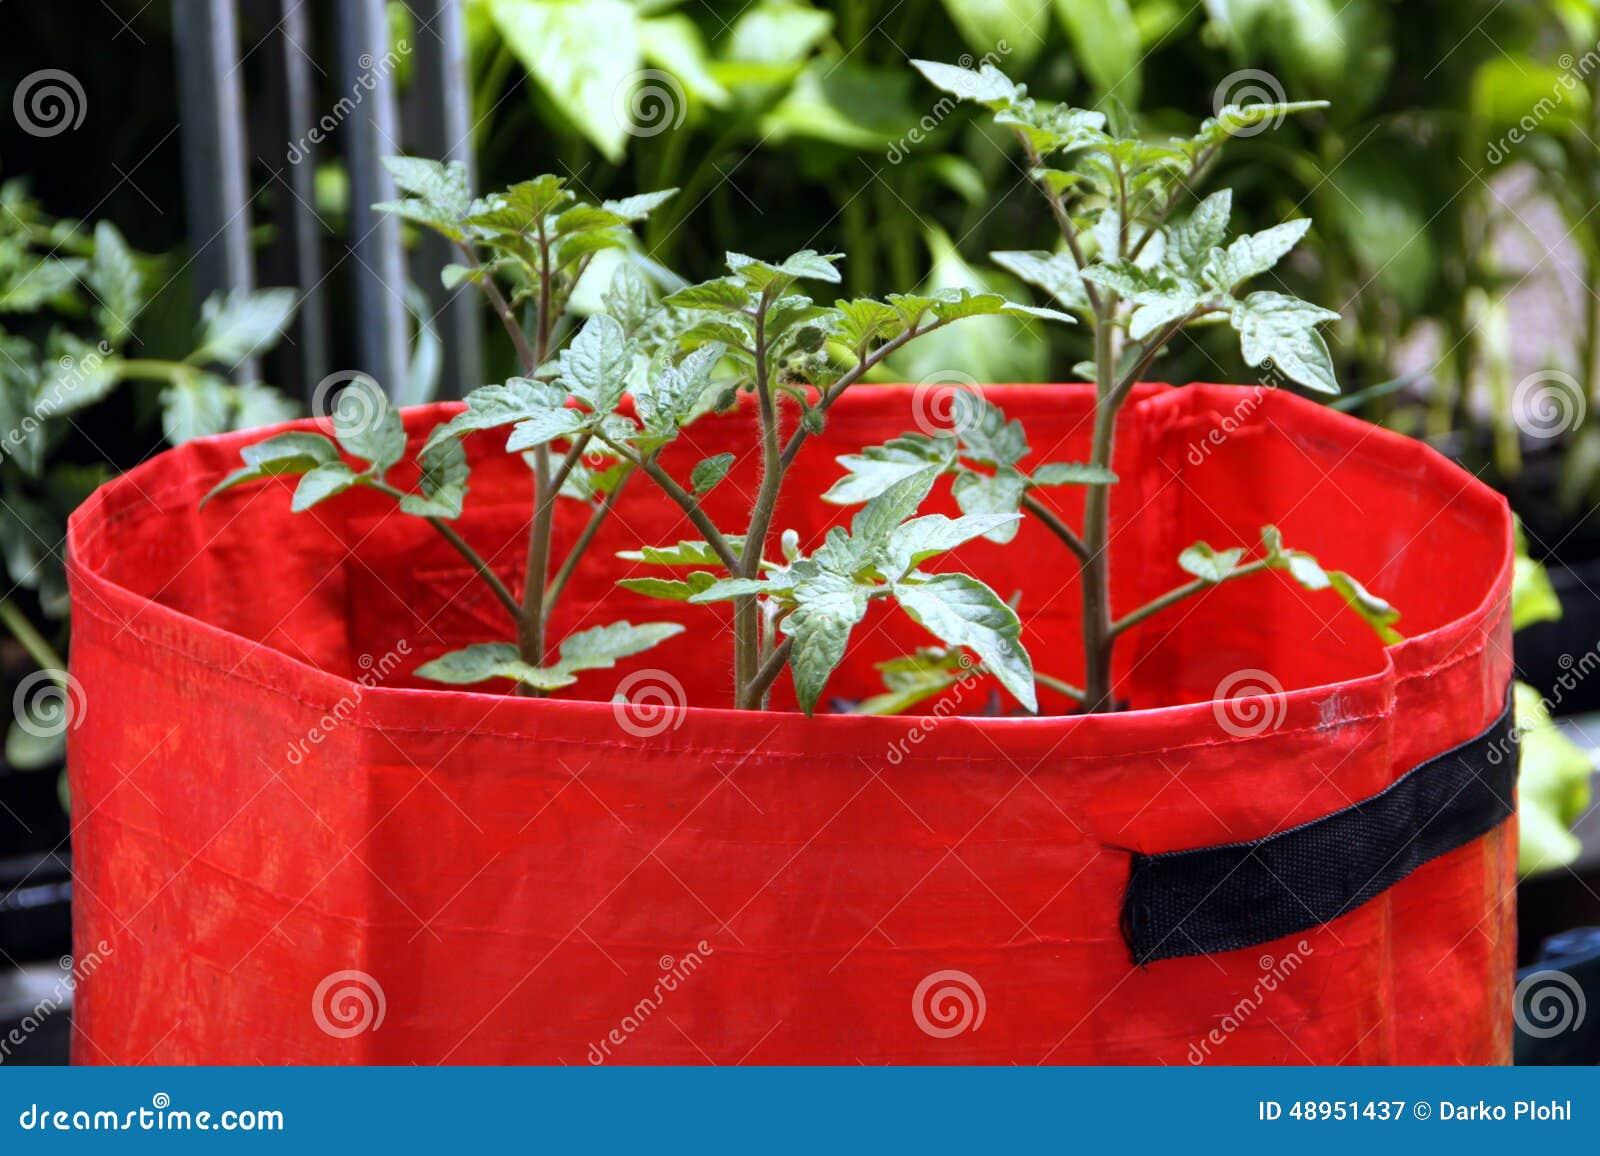 Tomates crescentes em uns sacos de plástico